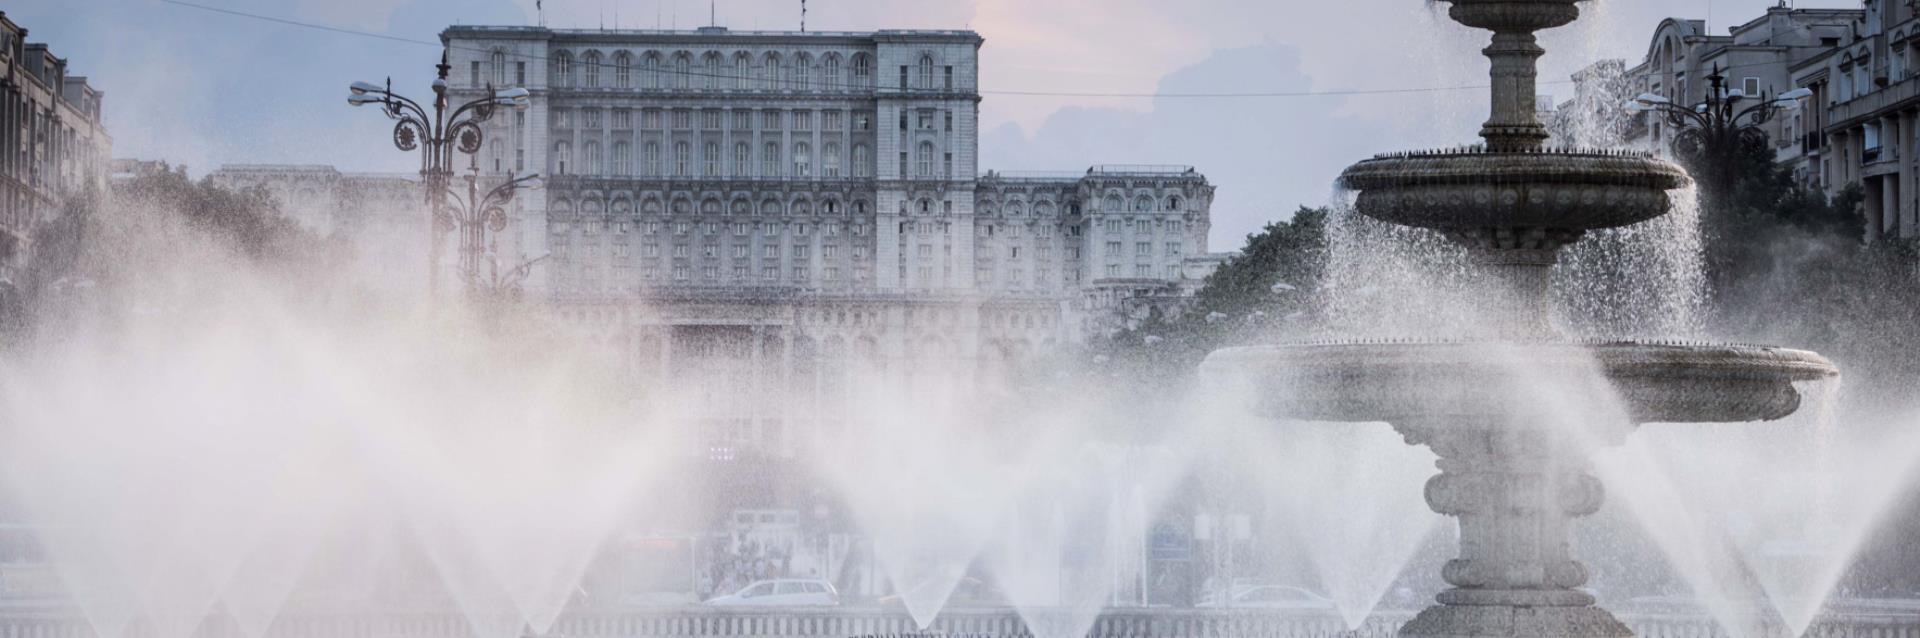 Clădirea Parlamentului